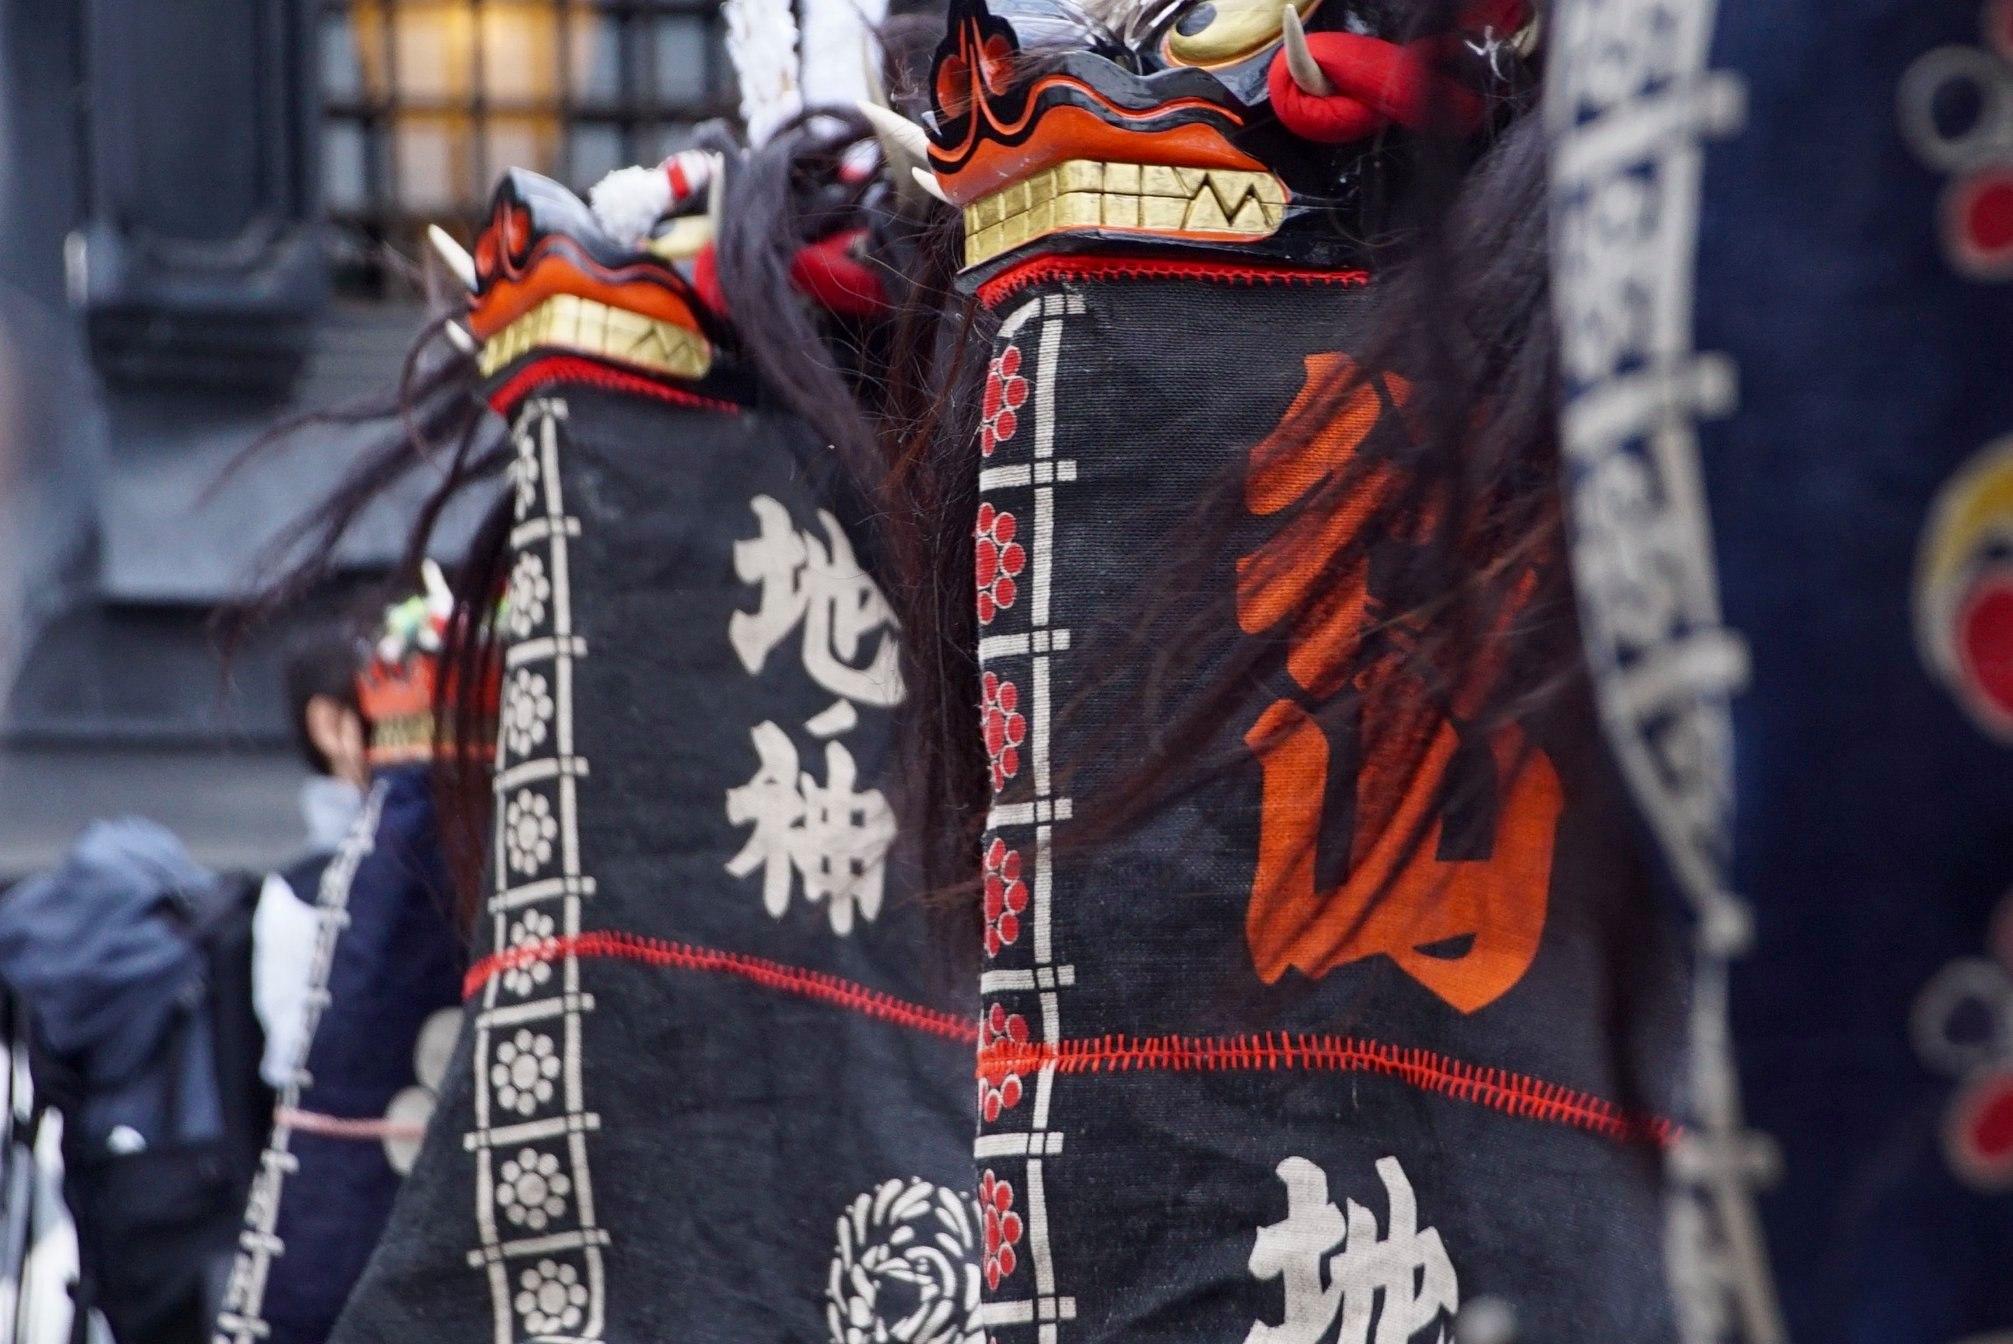 縦糸横糸合同会社 鹿踊り 伝統芸能 手拭い てぬぐい オーダー 製作 オリジナル